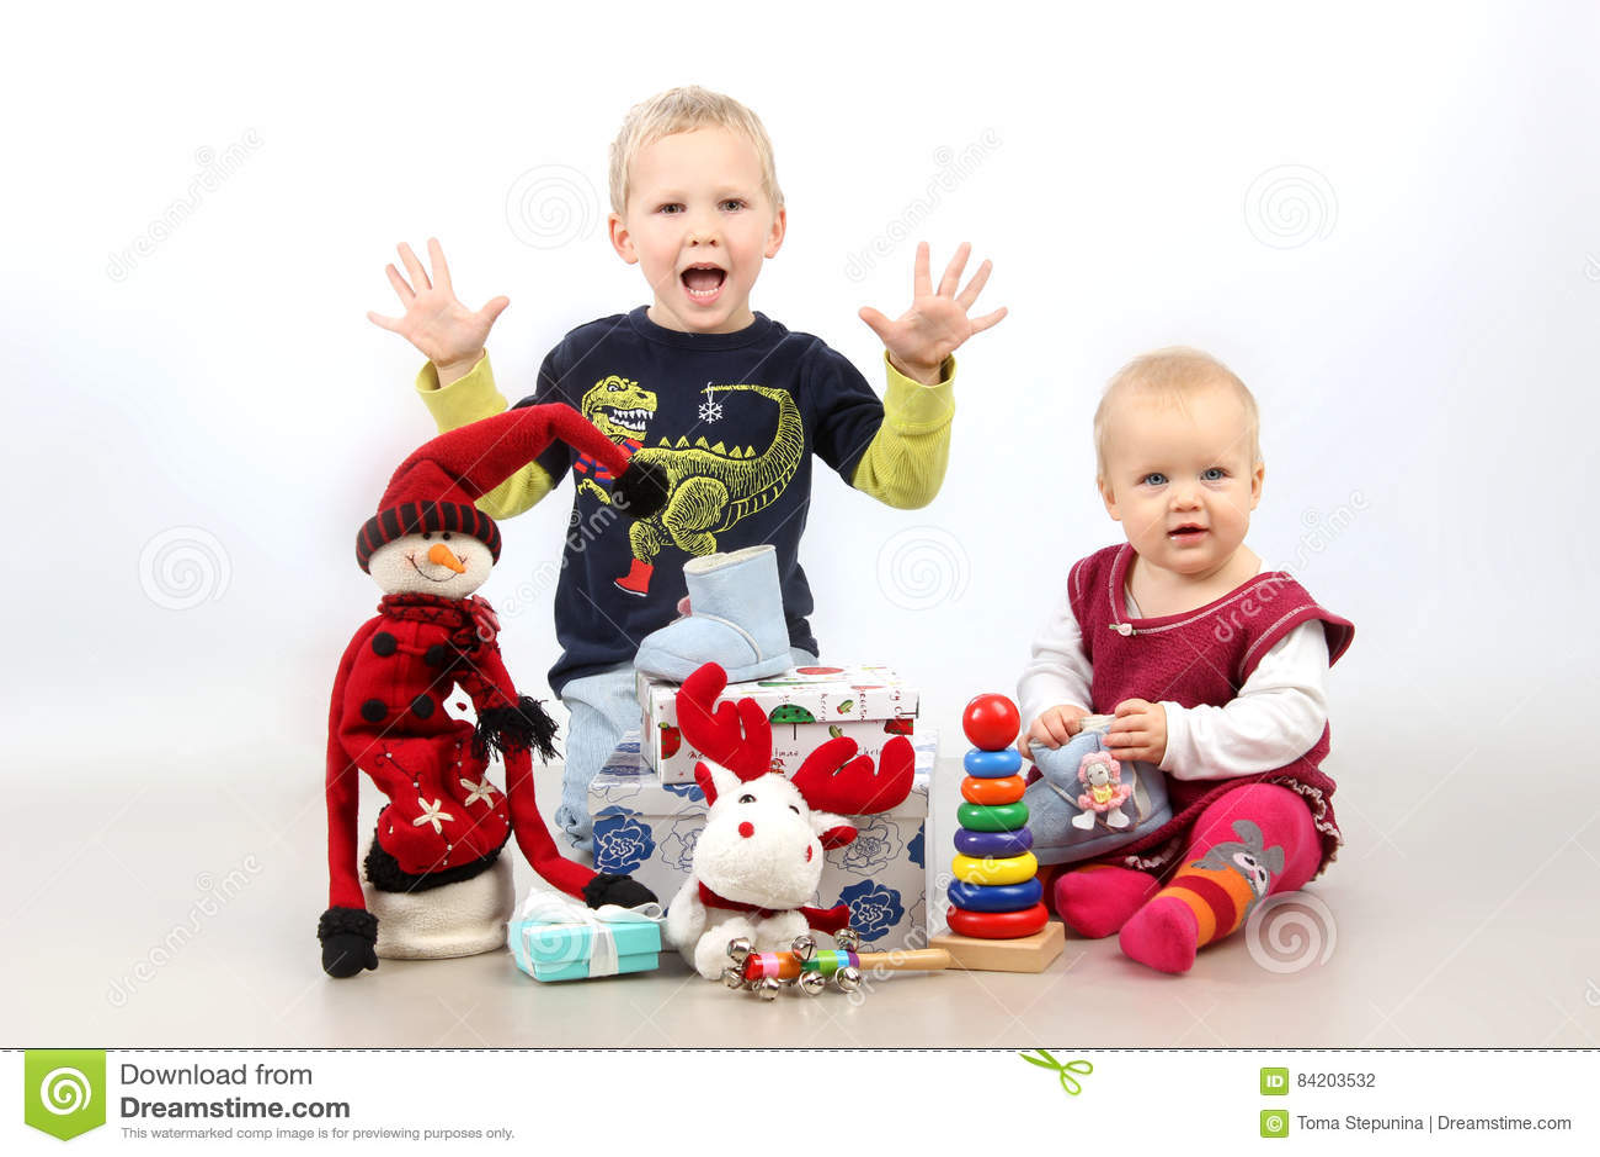 Regali Di Natale Fratello.Fratello Piccolo E Sorella Che Si Siedono Con I Regali Ed I